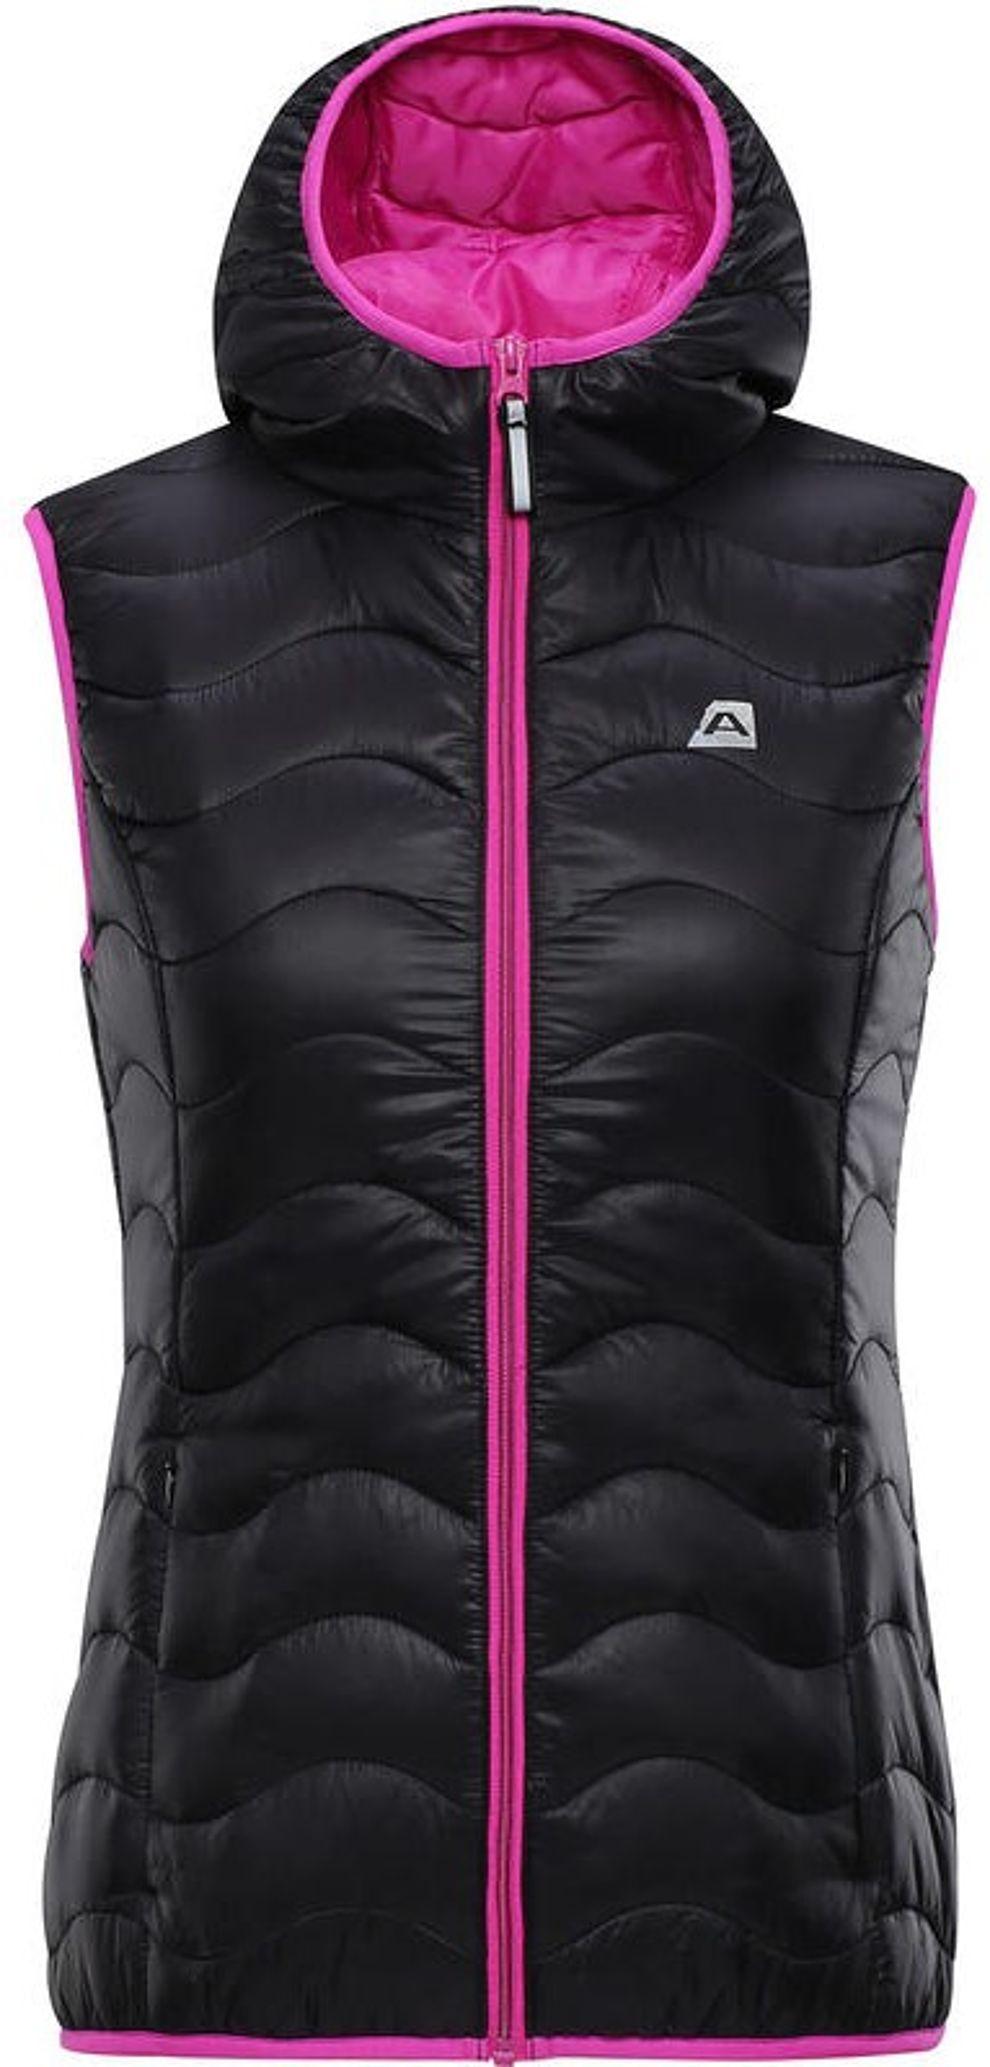 Dámska zateplená vesta Alpine Pro vel. S